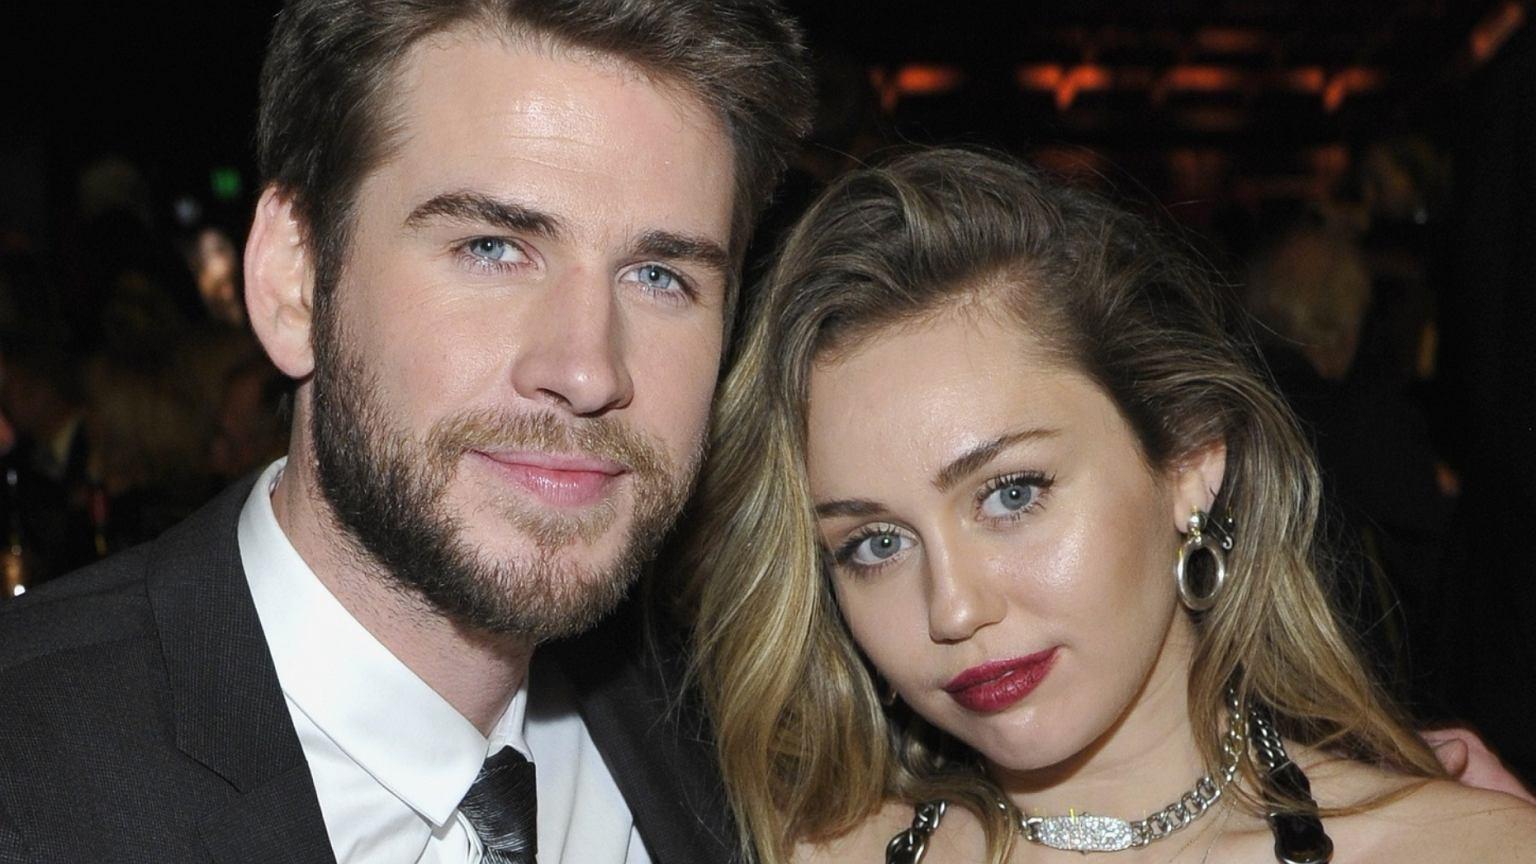 Miley Cyrus zmieniła nazwisko. Nawet jej mąż jest zaskoczony tą decyzją!